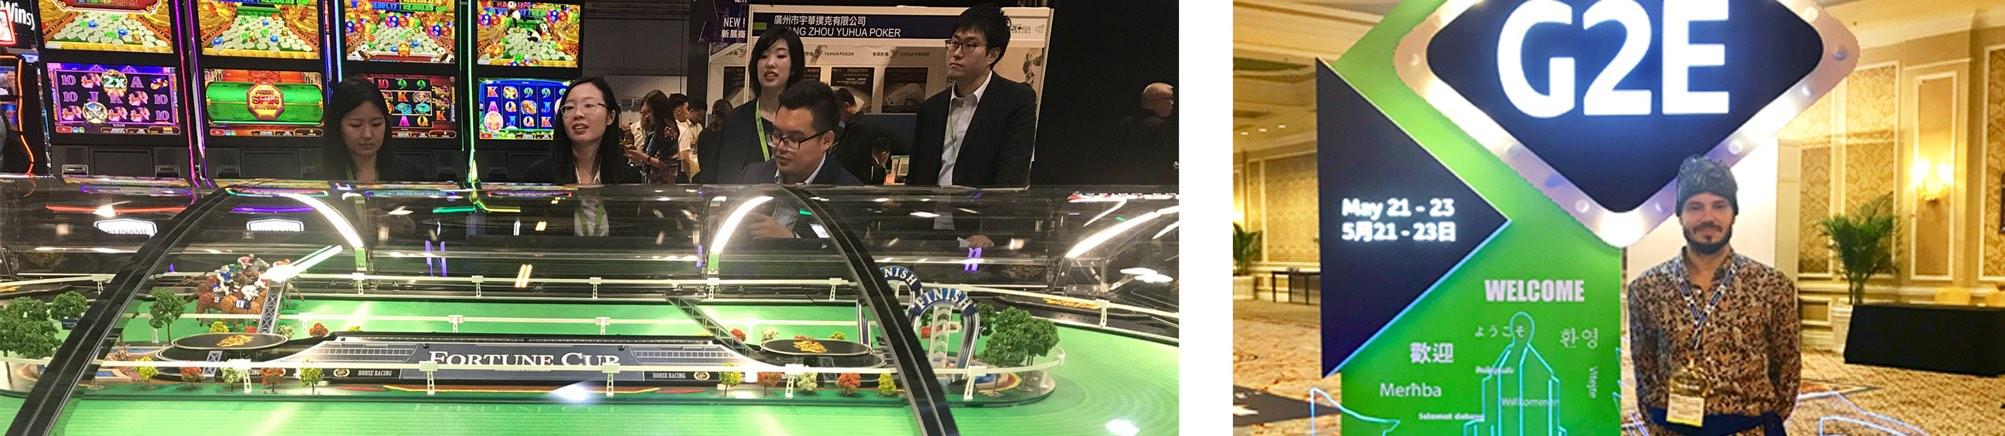 SmartCasinoGuide-Team auf der G2E Online-Gaming-Konferenz